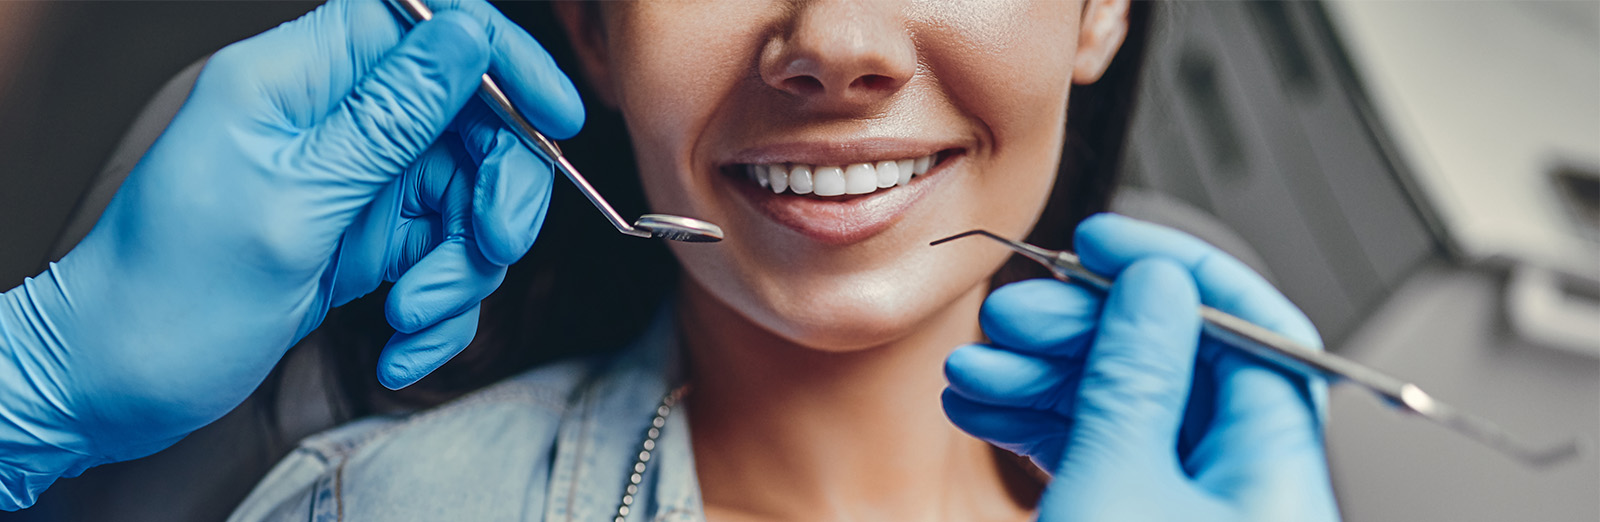 دندان پزشکی کودکان - دکتر ساره نادعلیزاده